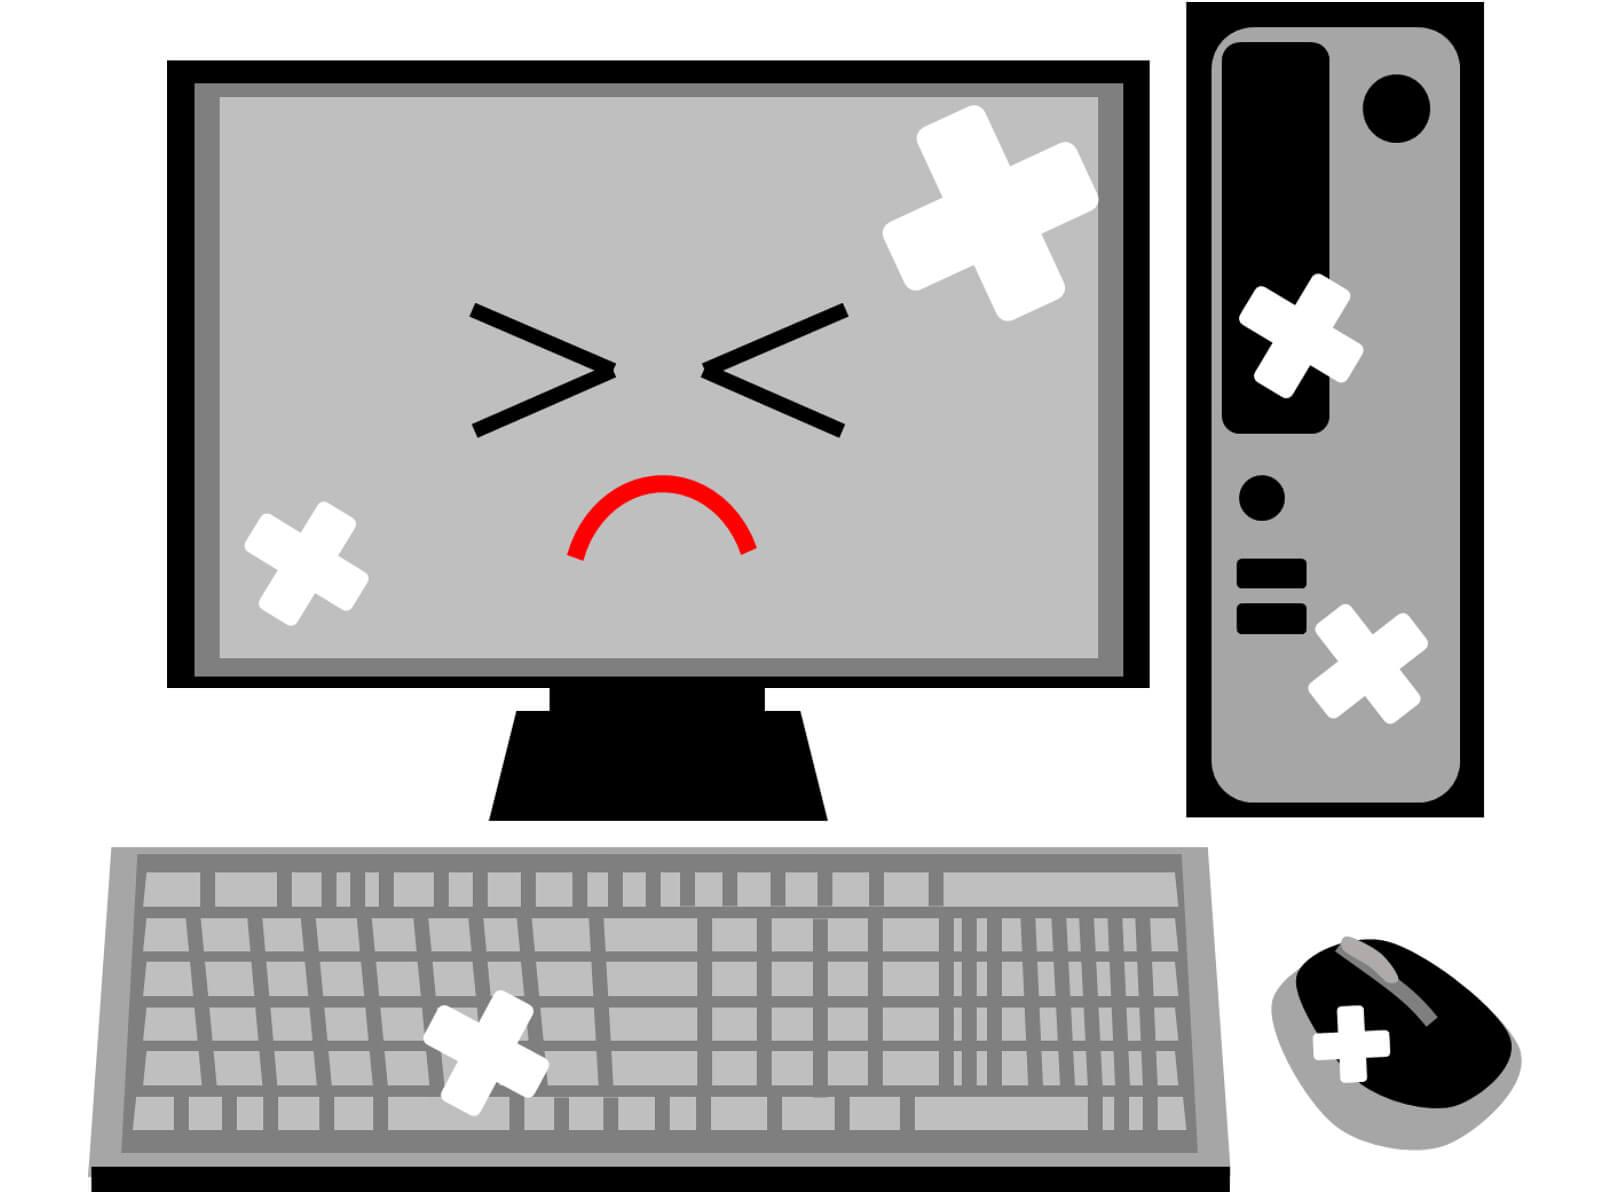 千葉で起きやすいパソコンのトラブルとは?